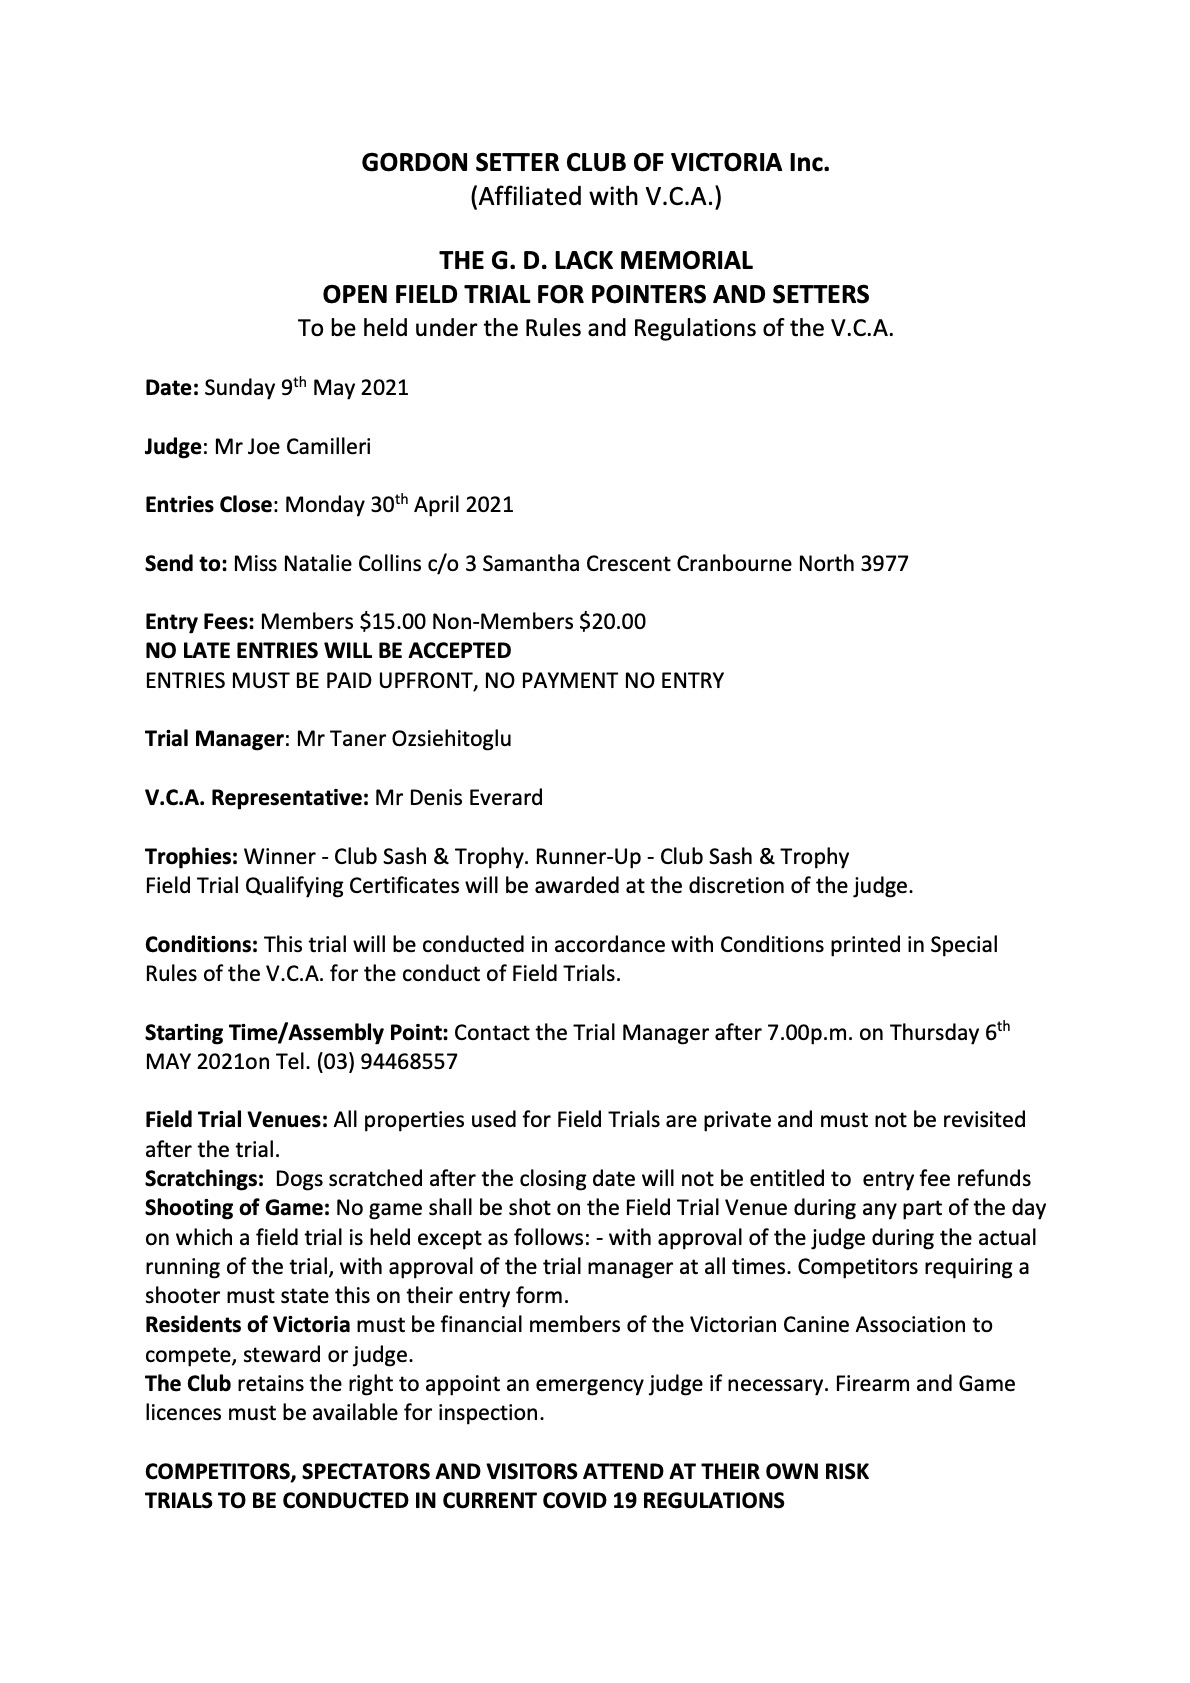 2021 Schedule GSCV-Field-trial-OPEN